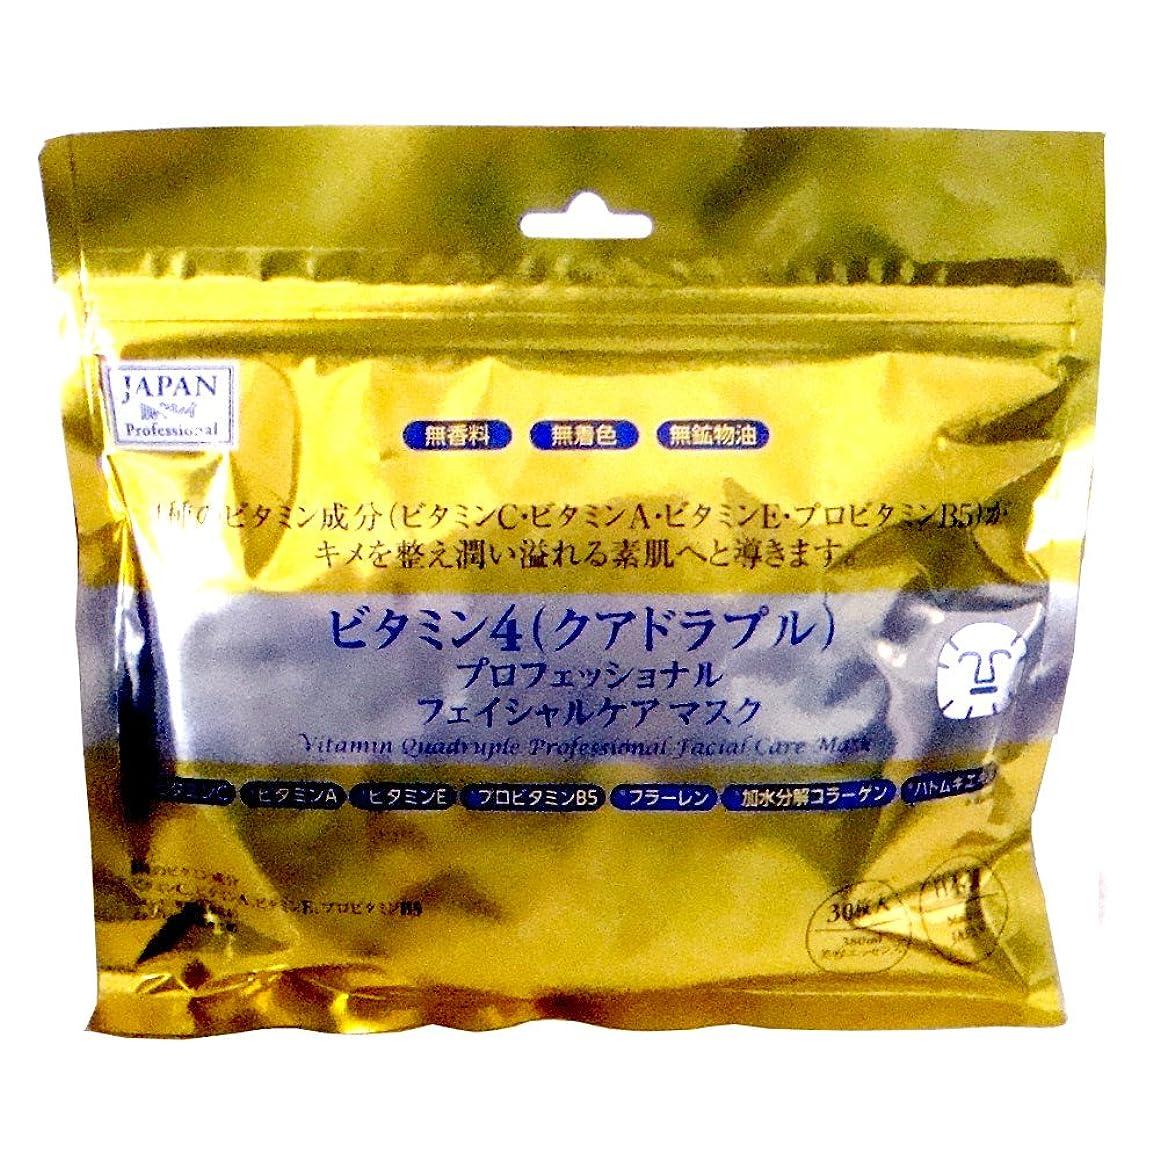 気晴らしシリング真鍮プロフェッショナル フェイシャルケアマスク ビタミン4(クアドラプル)30枚入り